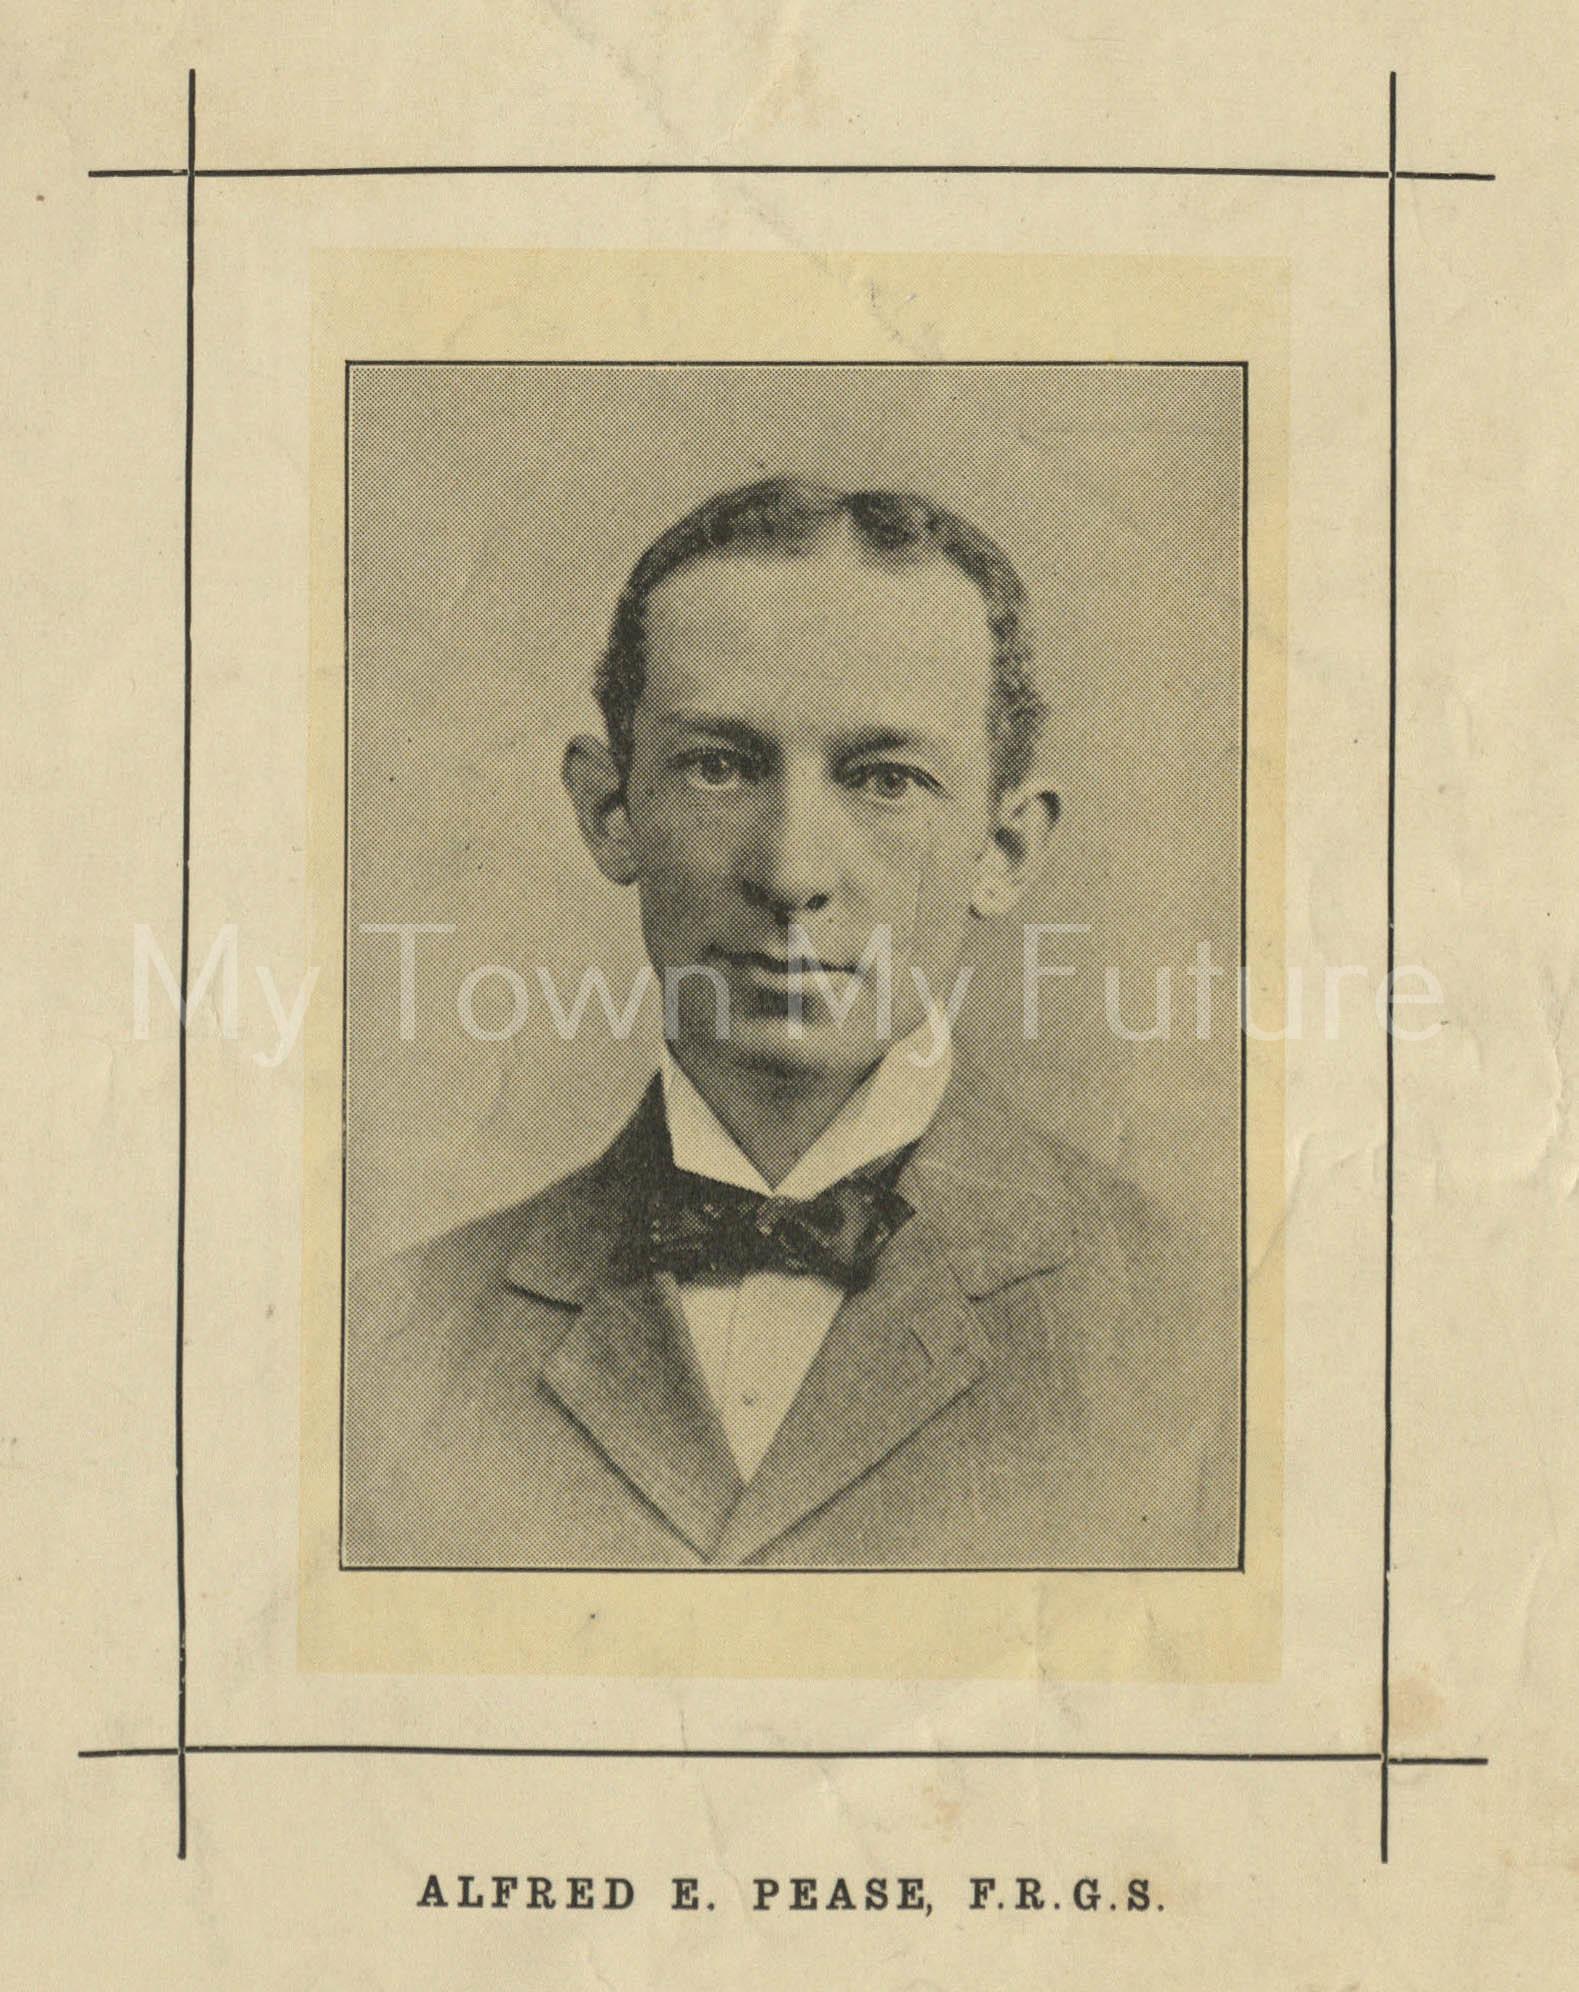 Alfred E Pease